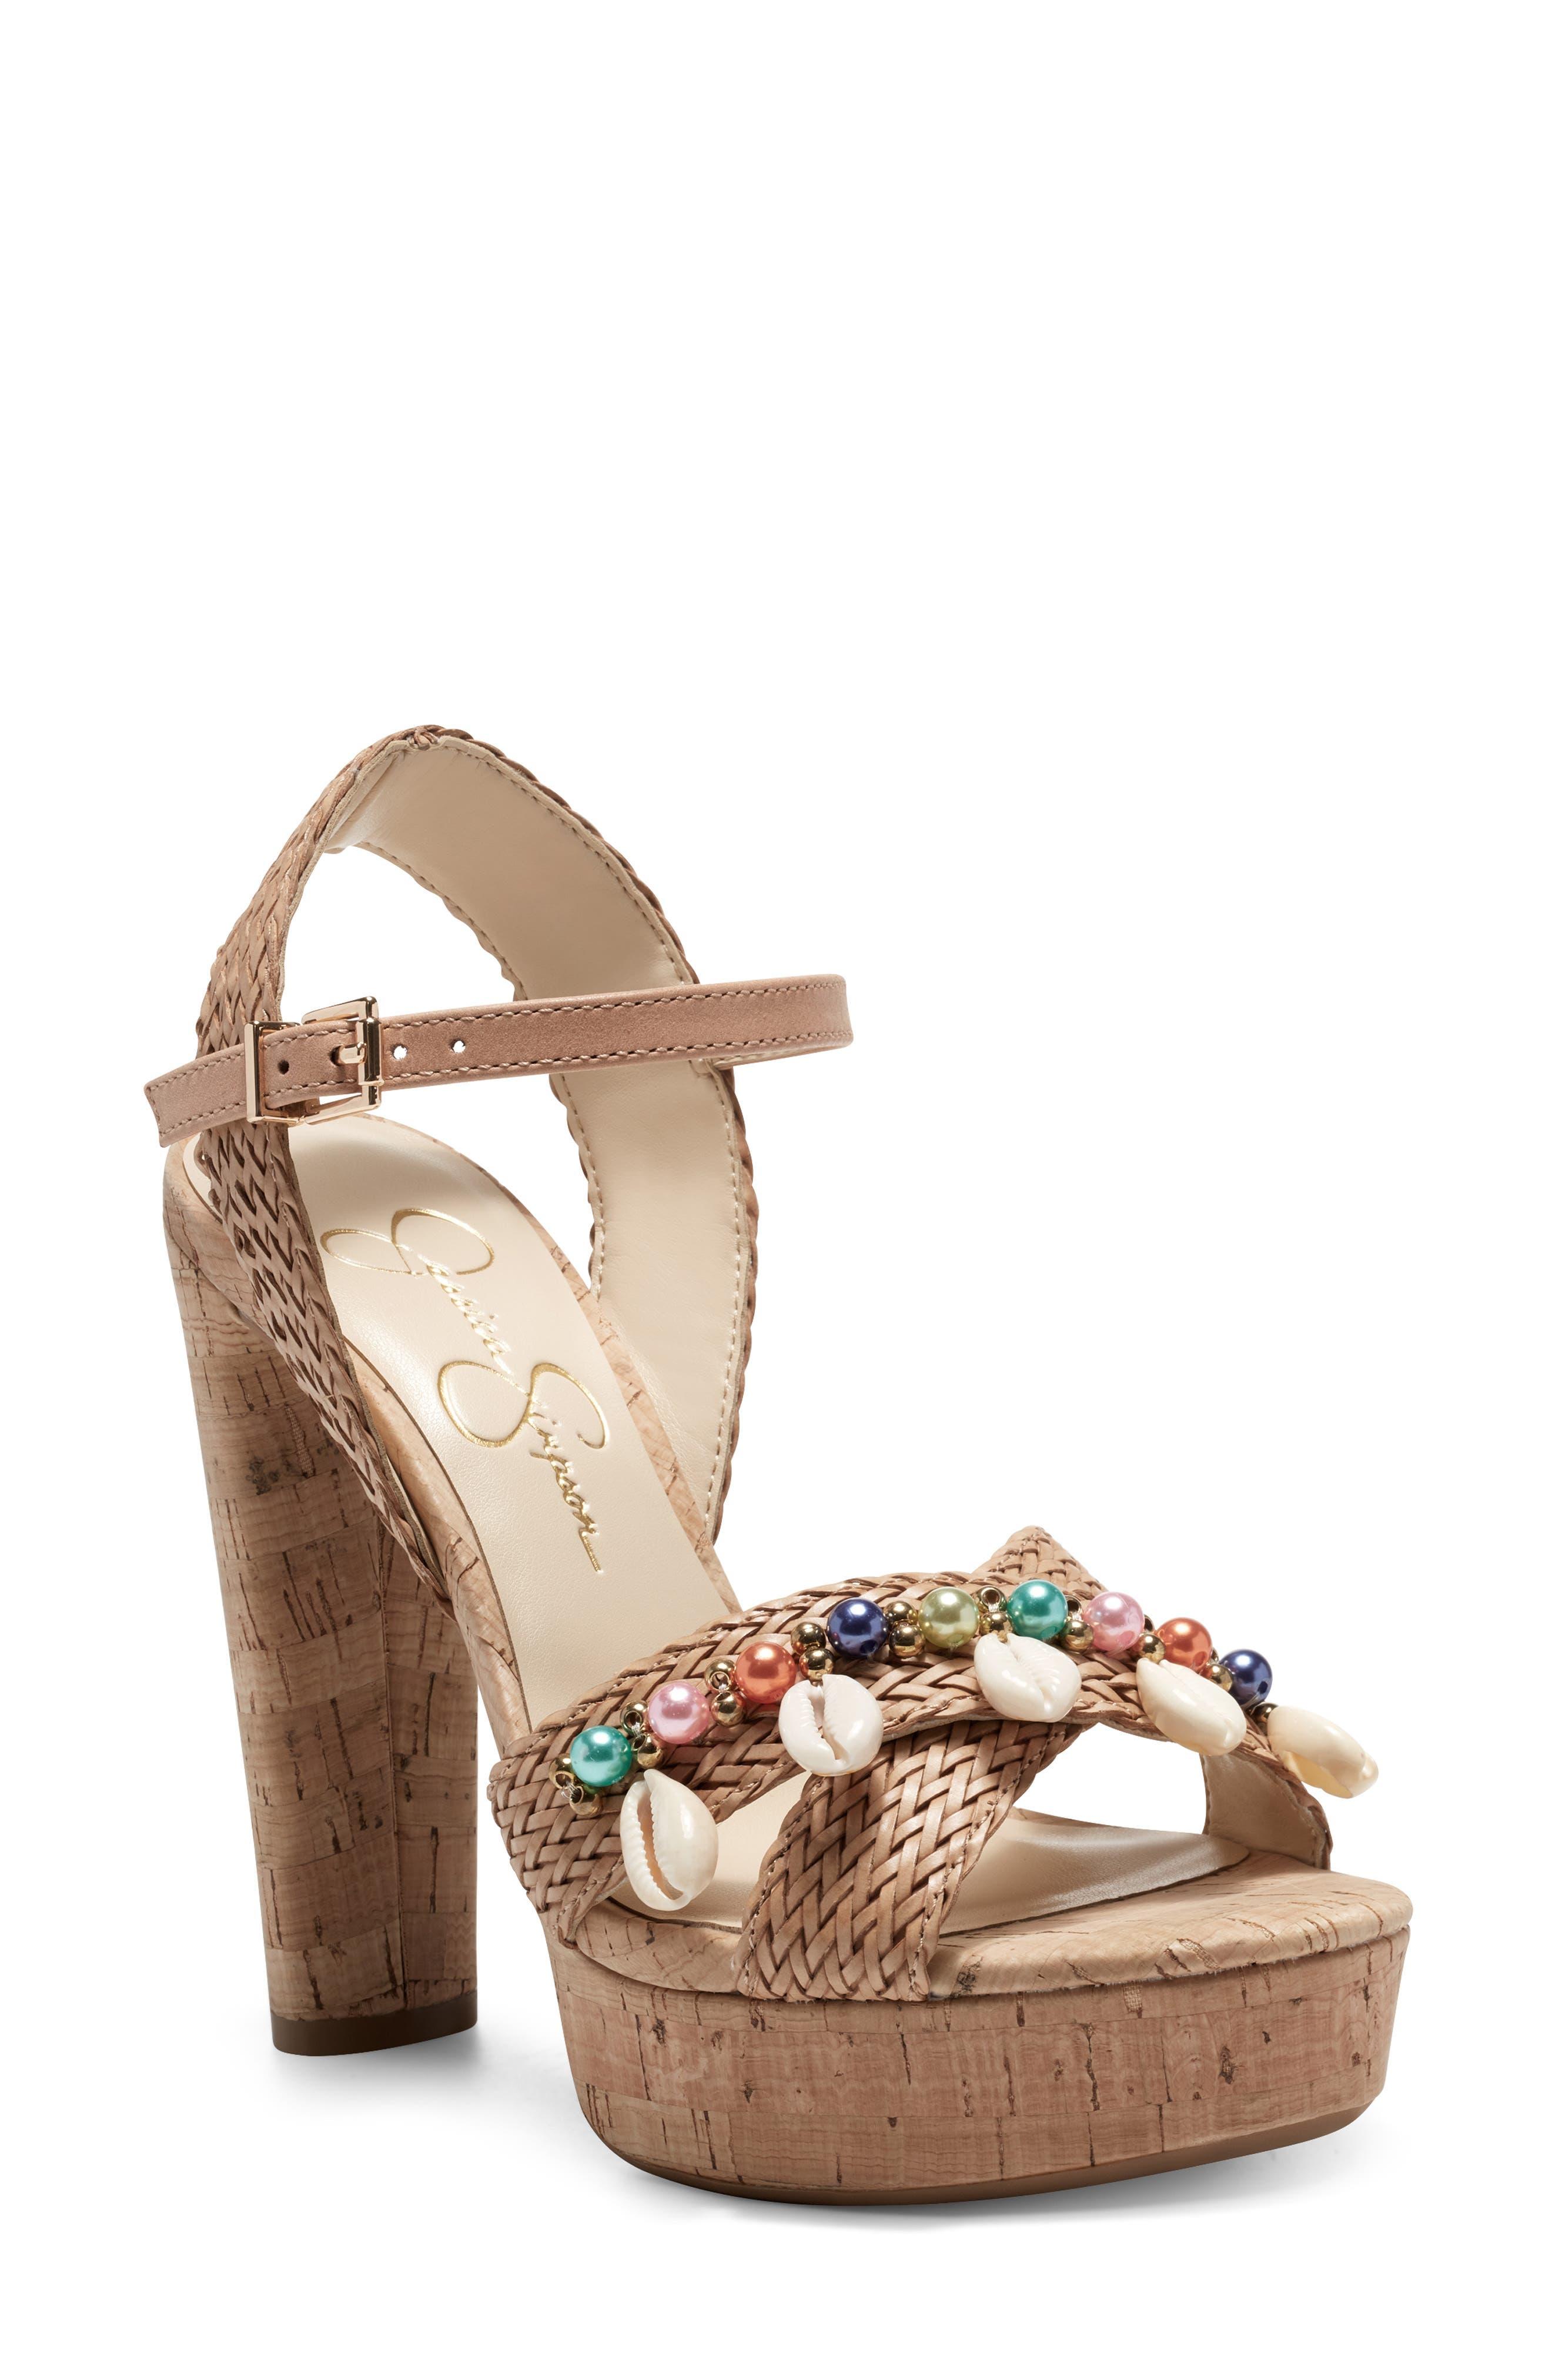 Ivriele Embellished Pump Sandal